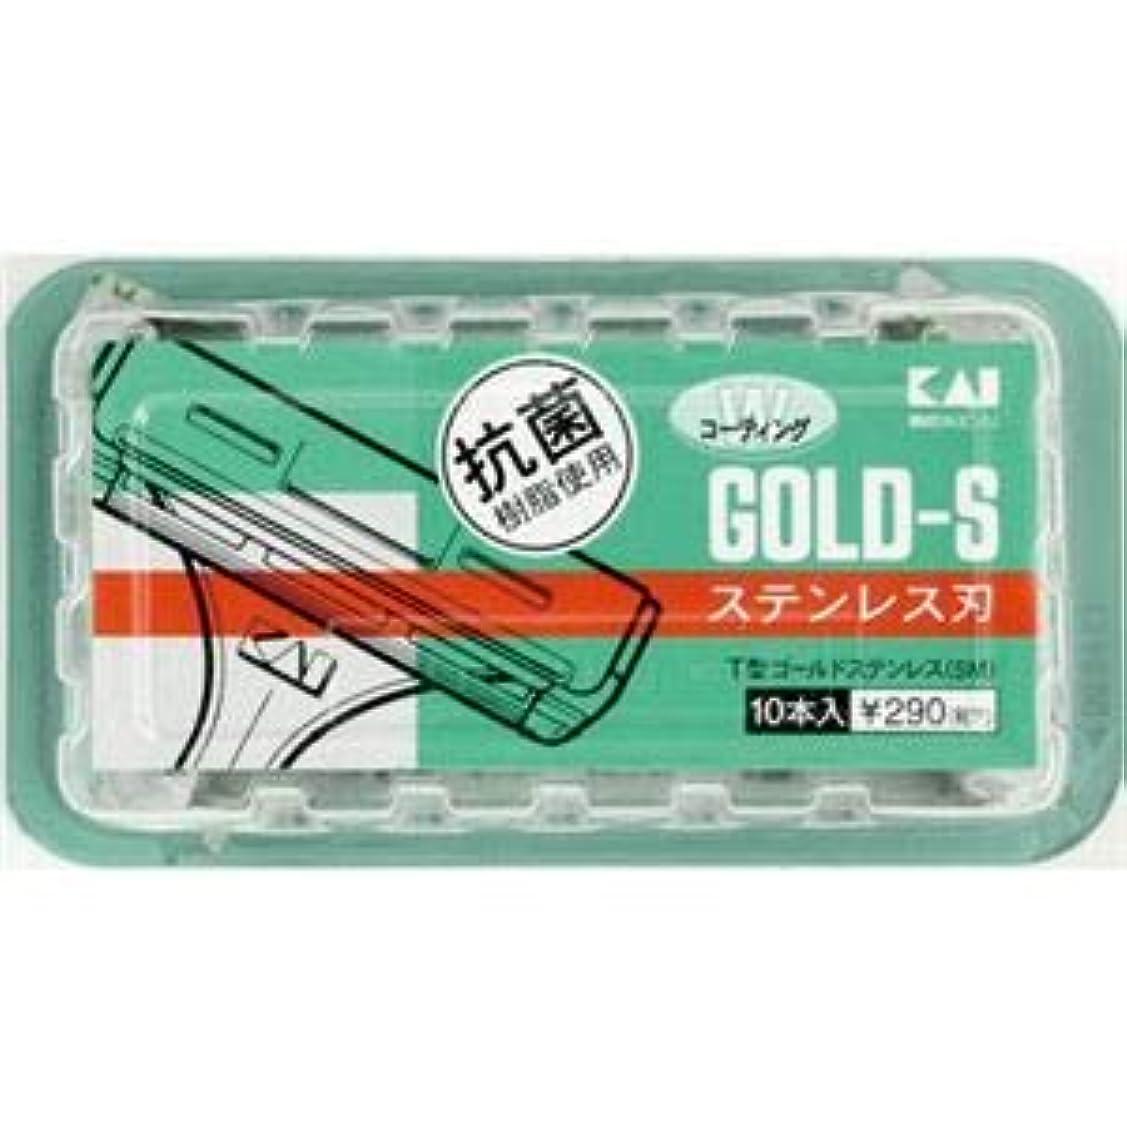 モック擁するシェア(業務用20セット) 貝印 T型ゴールドステンレスSM10本